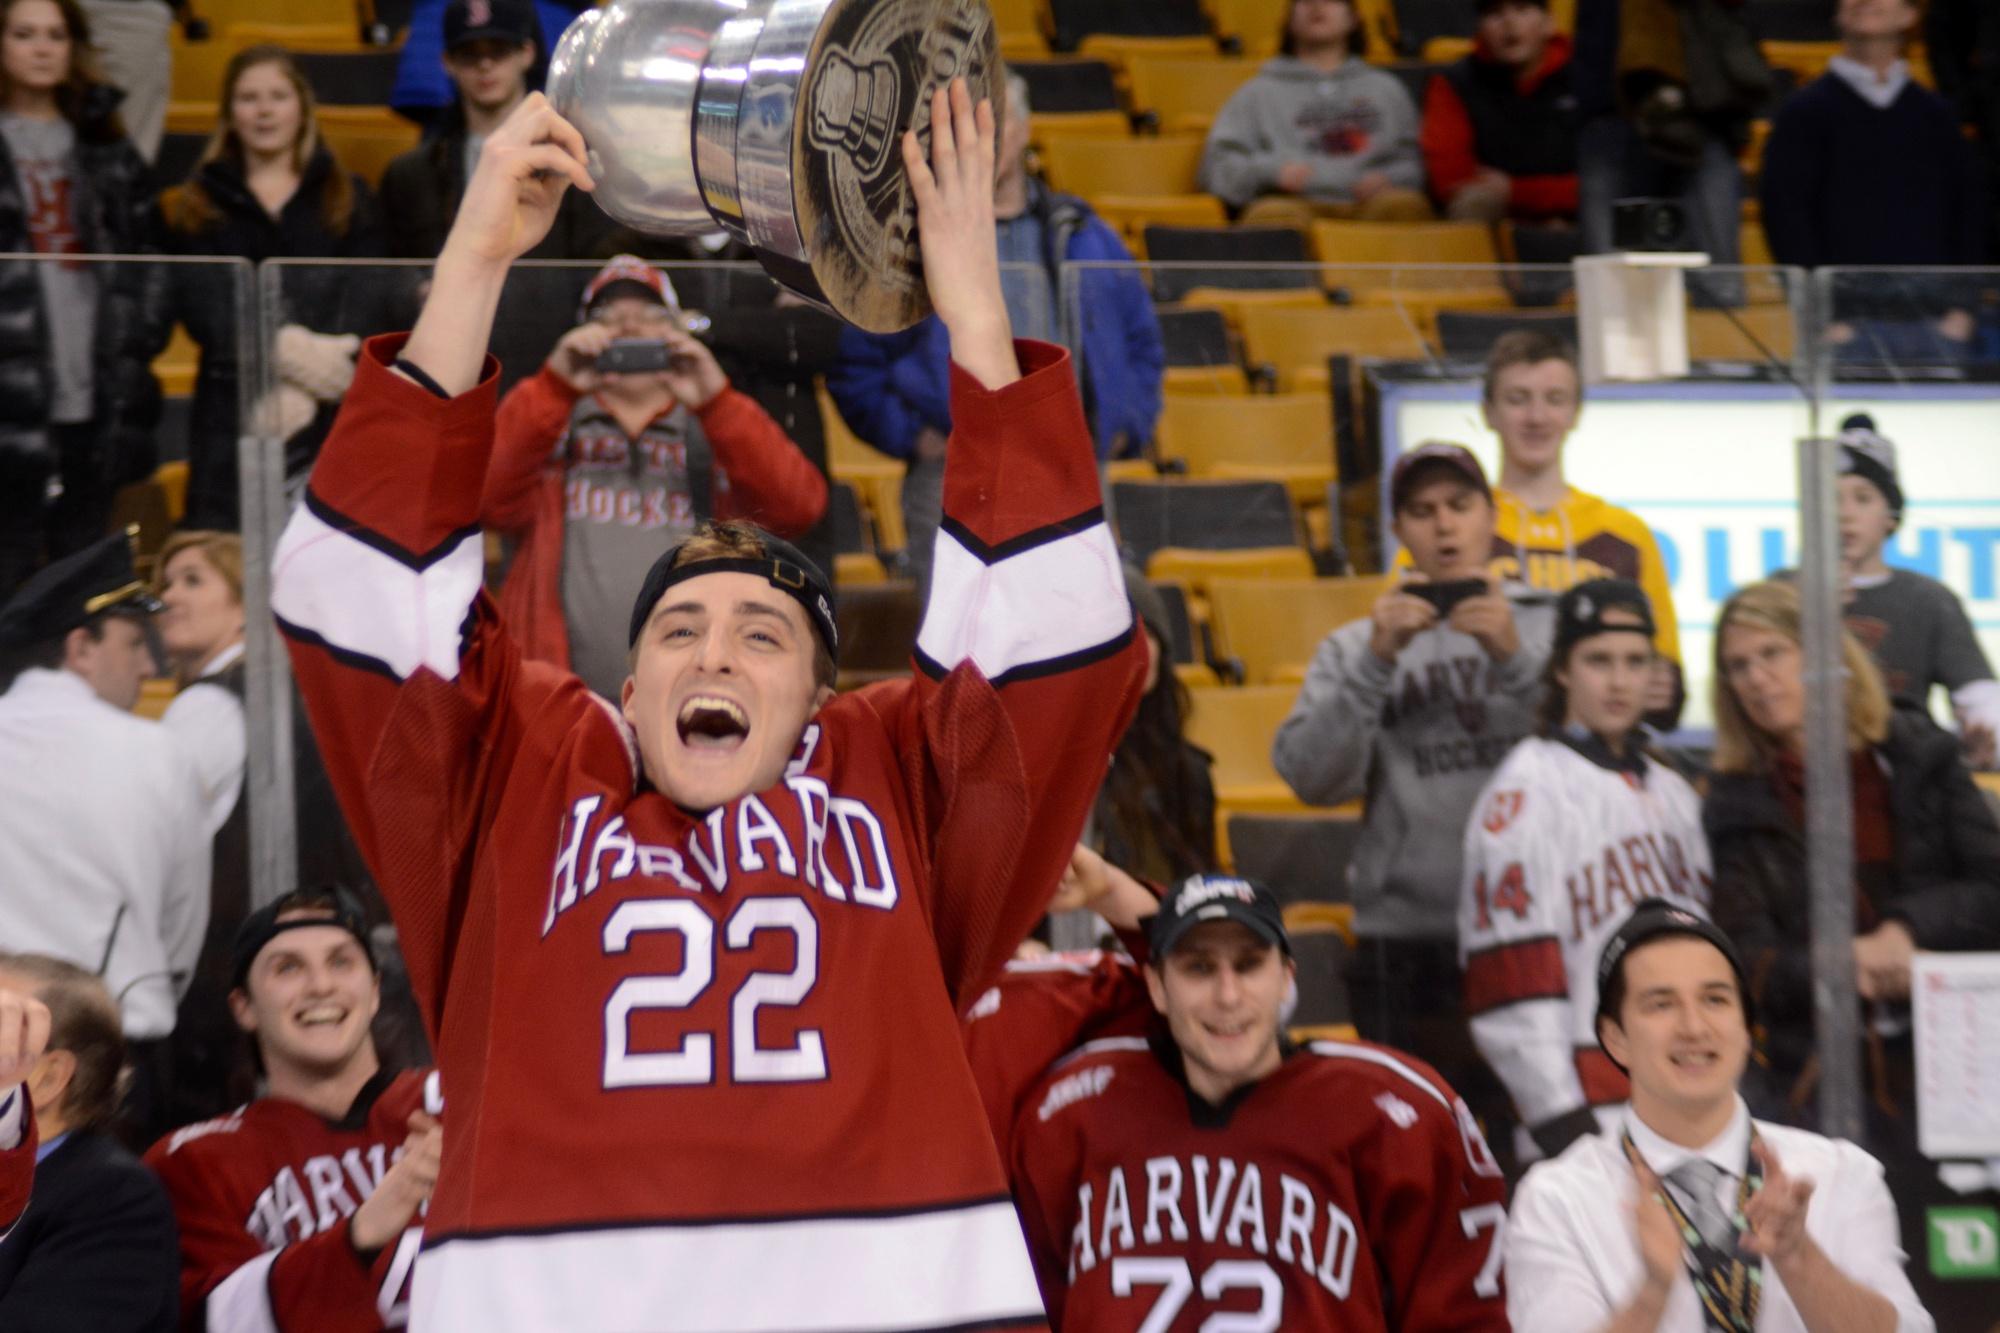 Co-captain Devin Tringale hoists Harvard's first Beanpot trophy since 1993.